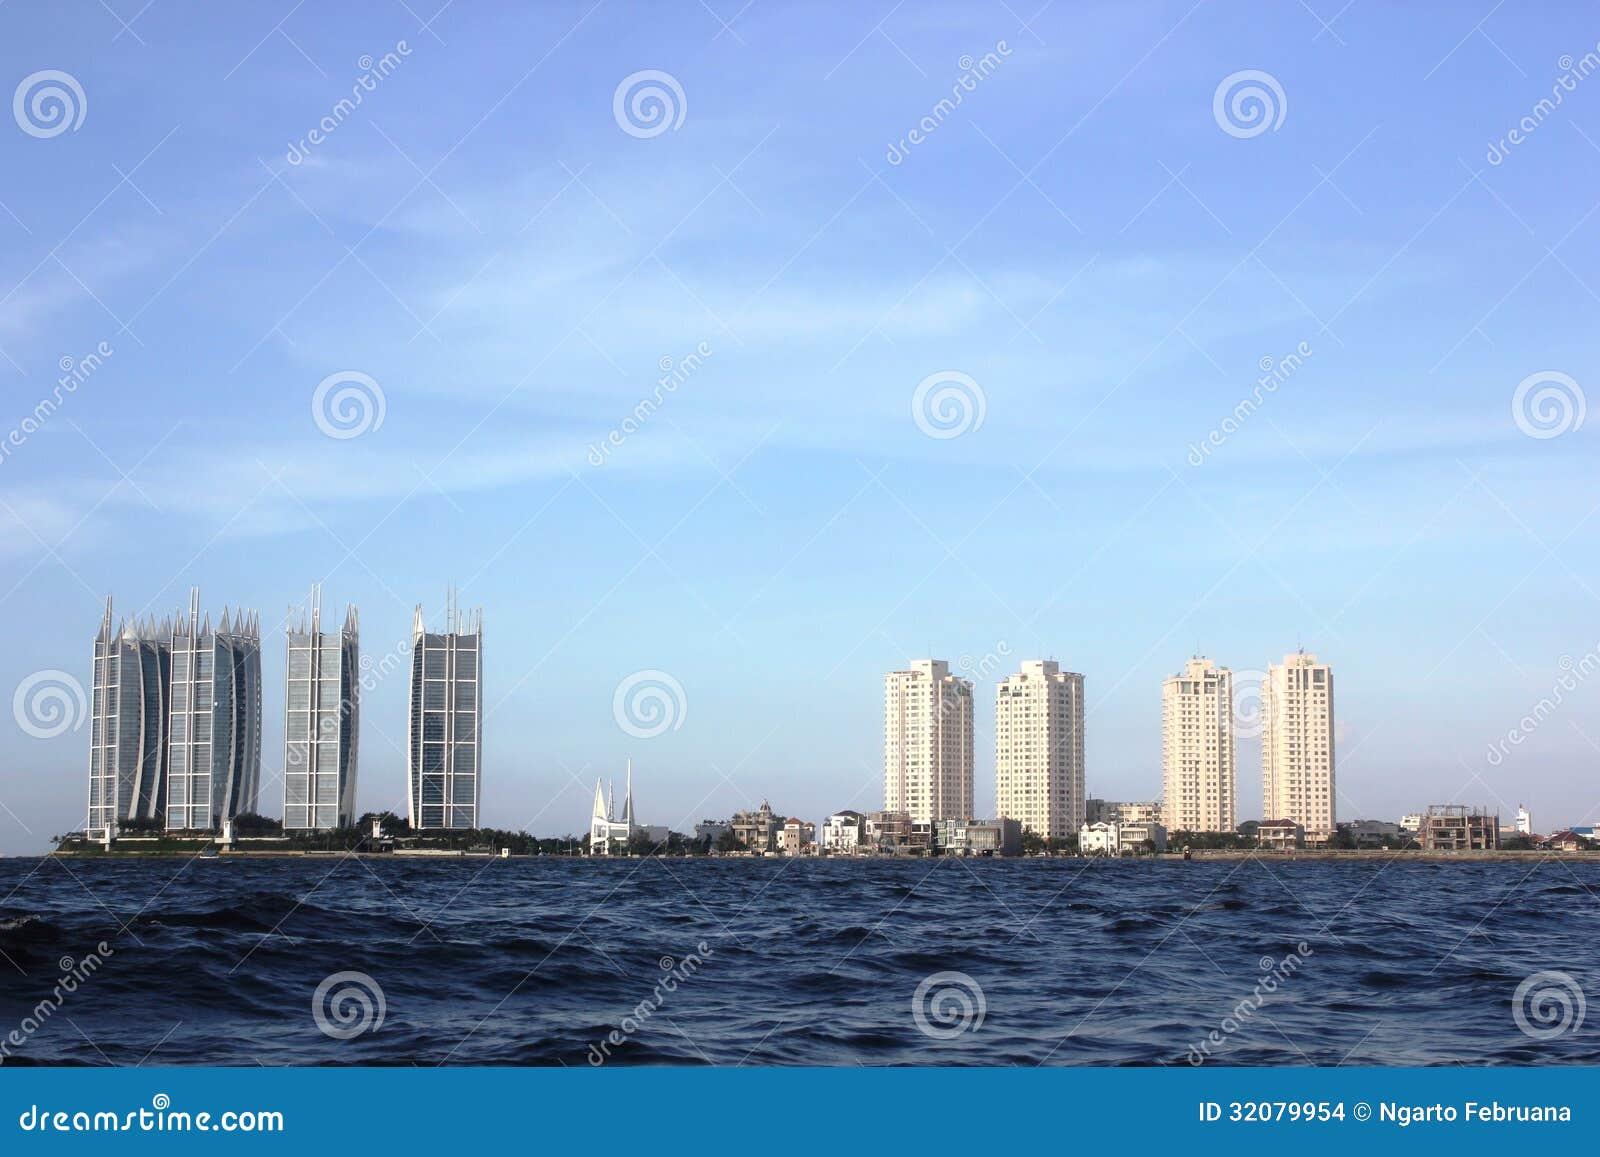 Paysage de ville de jakarta par la mer image stock for Paysage de ville